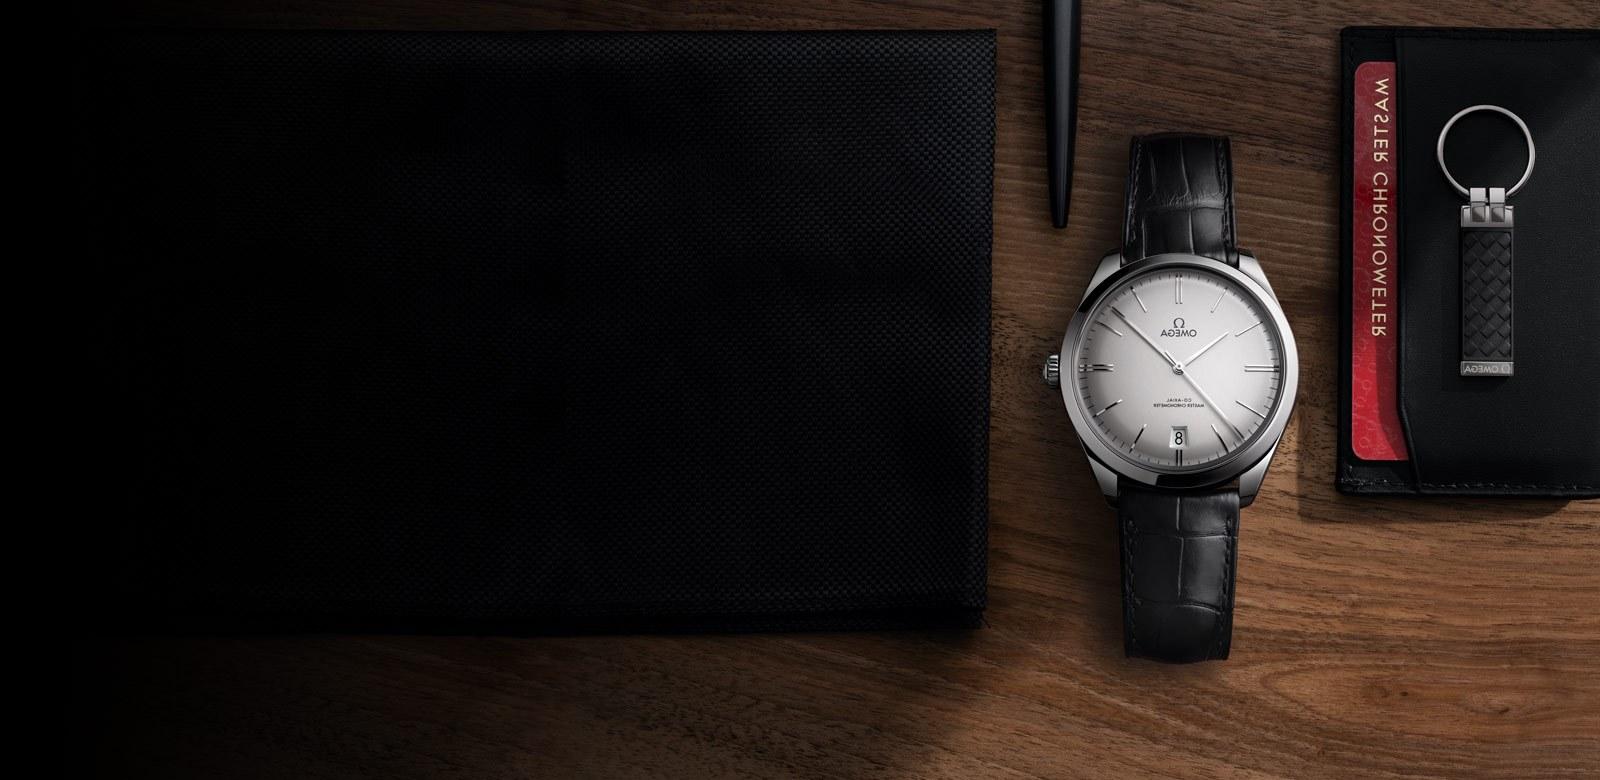 Model Gamis Seragam Pernikahan Etdg Globemaster Omega Co‑axial Master Chronometer 39 Mm